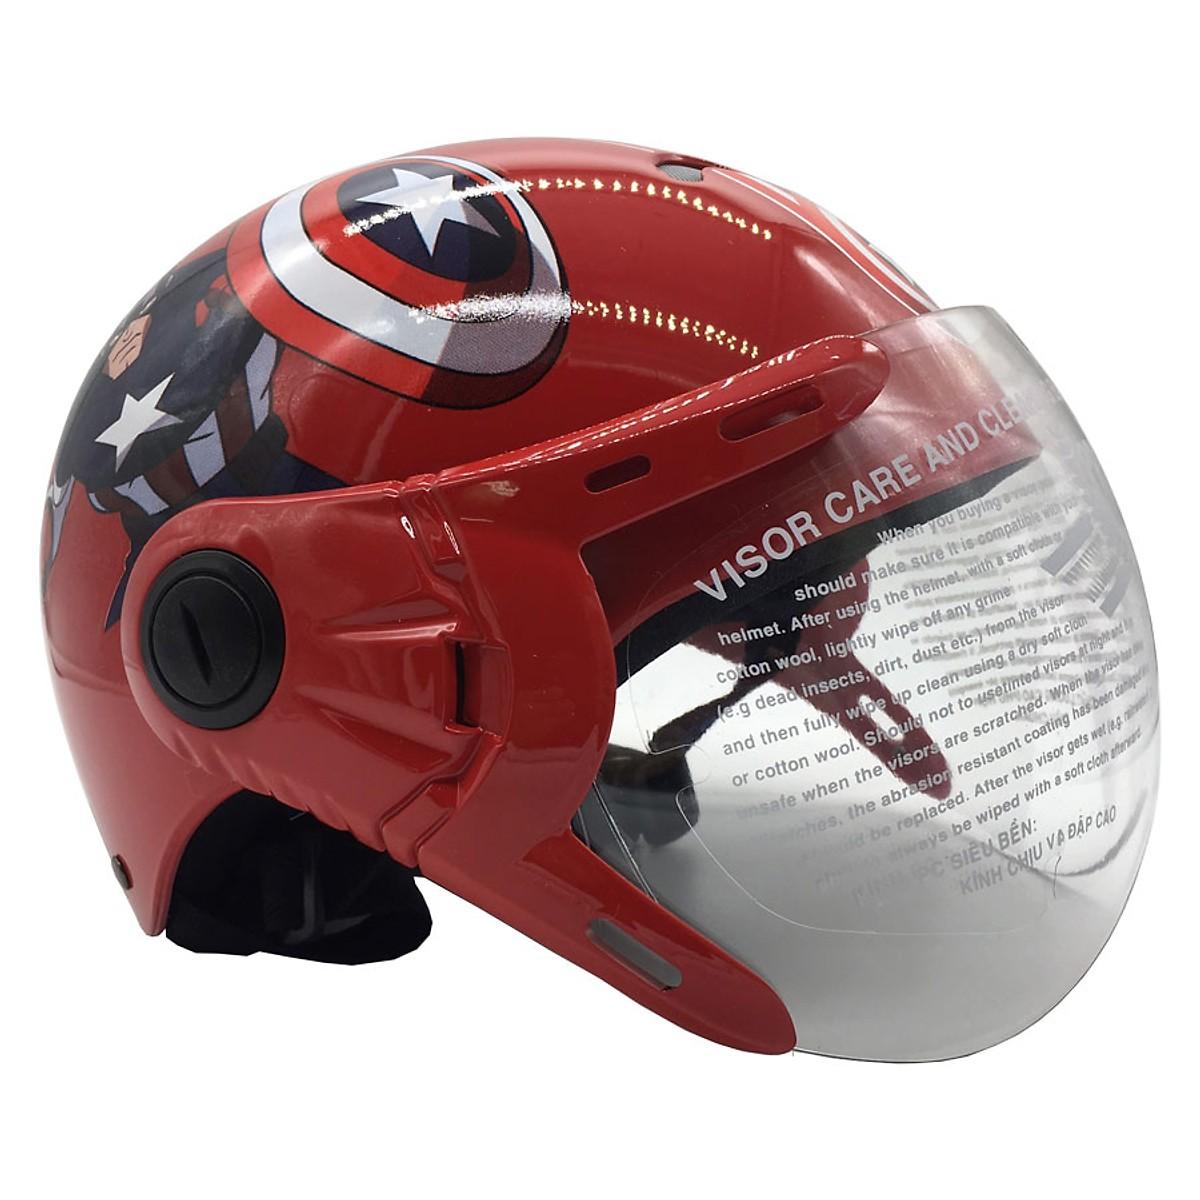 Mũ Bảo Hiểm Trẻ Em Nửa Đầu Có Kính Protec Kitty, Họa Tiết Đội Trưởng Mỹ, An Toàn, Chắc Chắc, Thời Trang - Hàng Chính Hãng